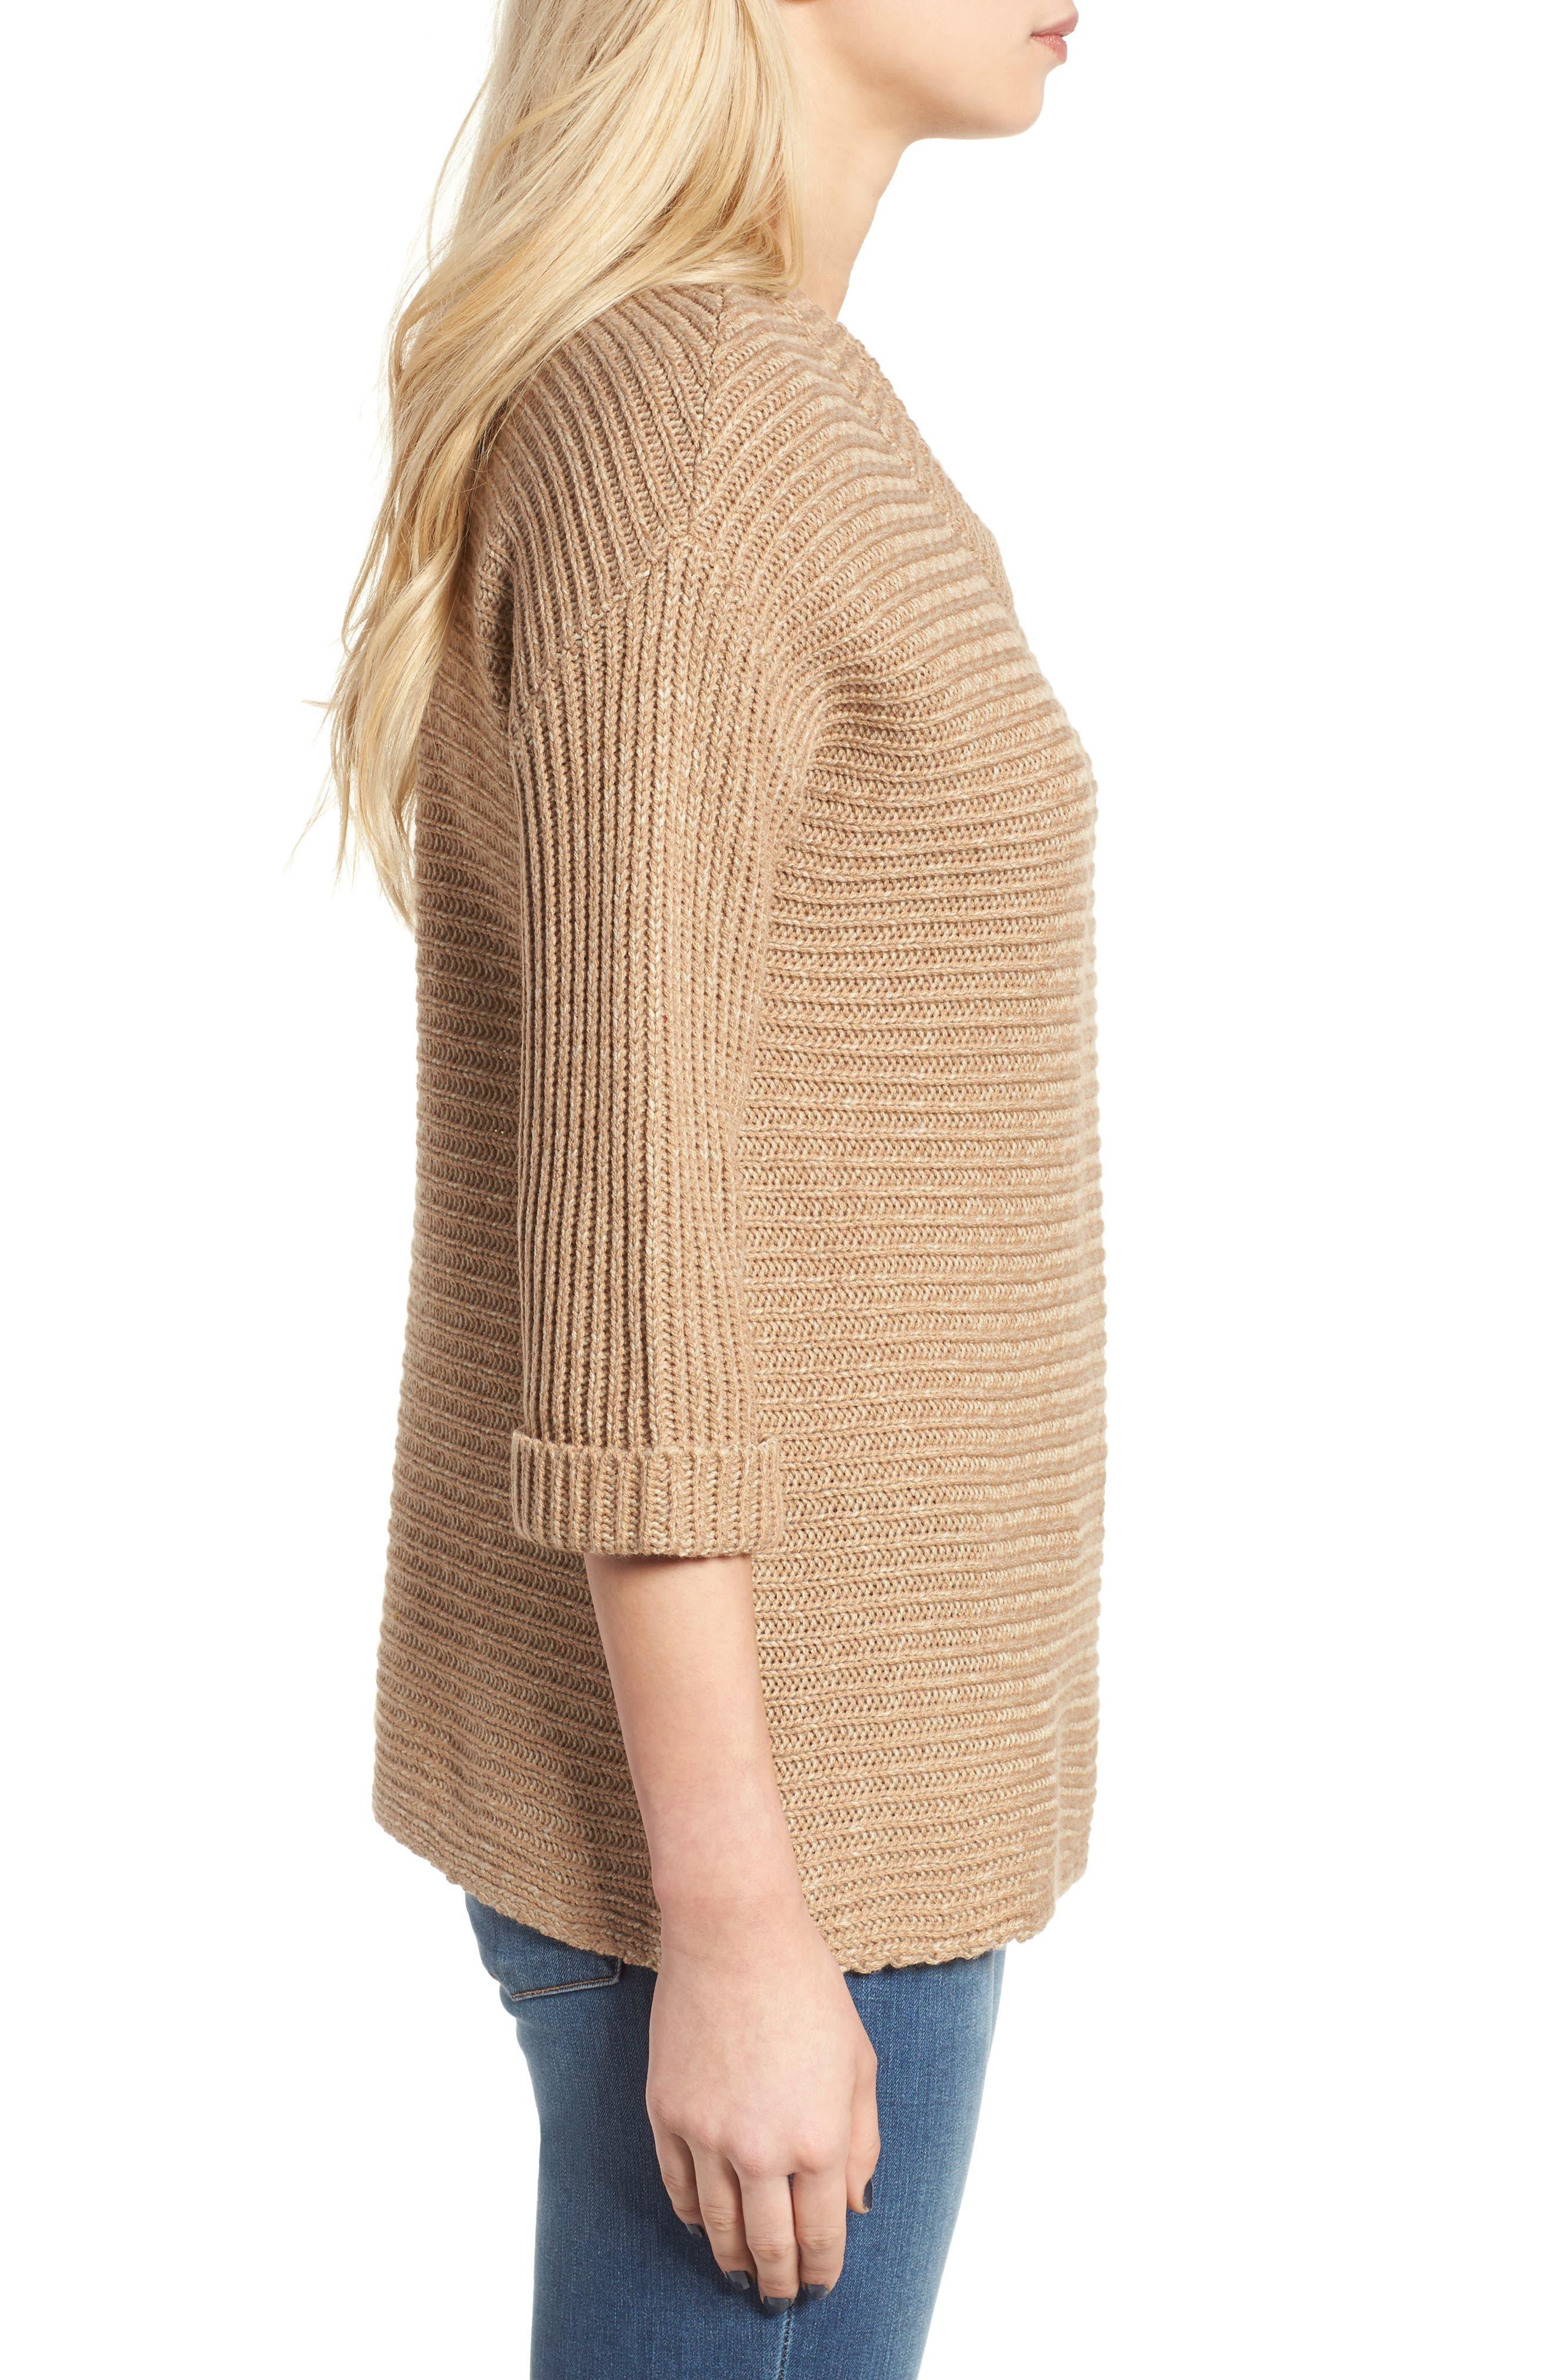 Alternate Image 3  - Cotton Emporium Texture Knit Pullover